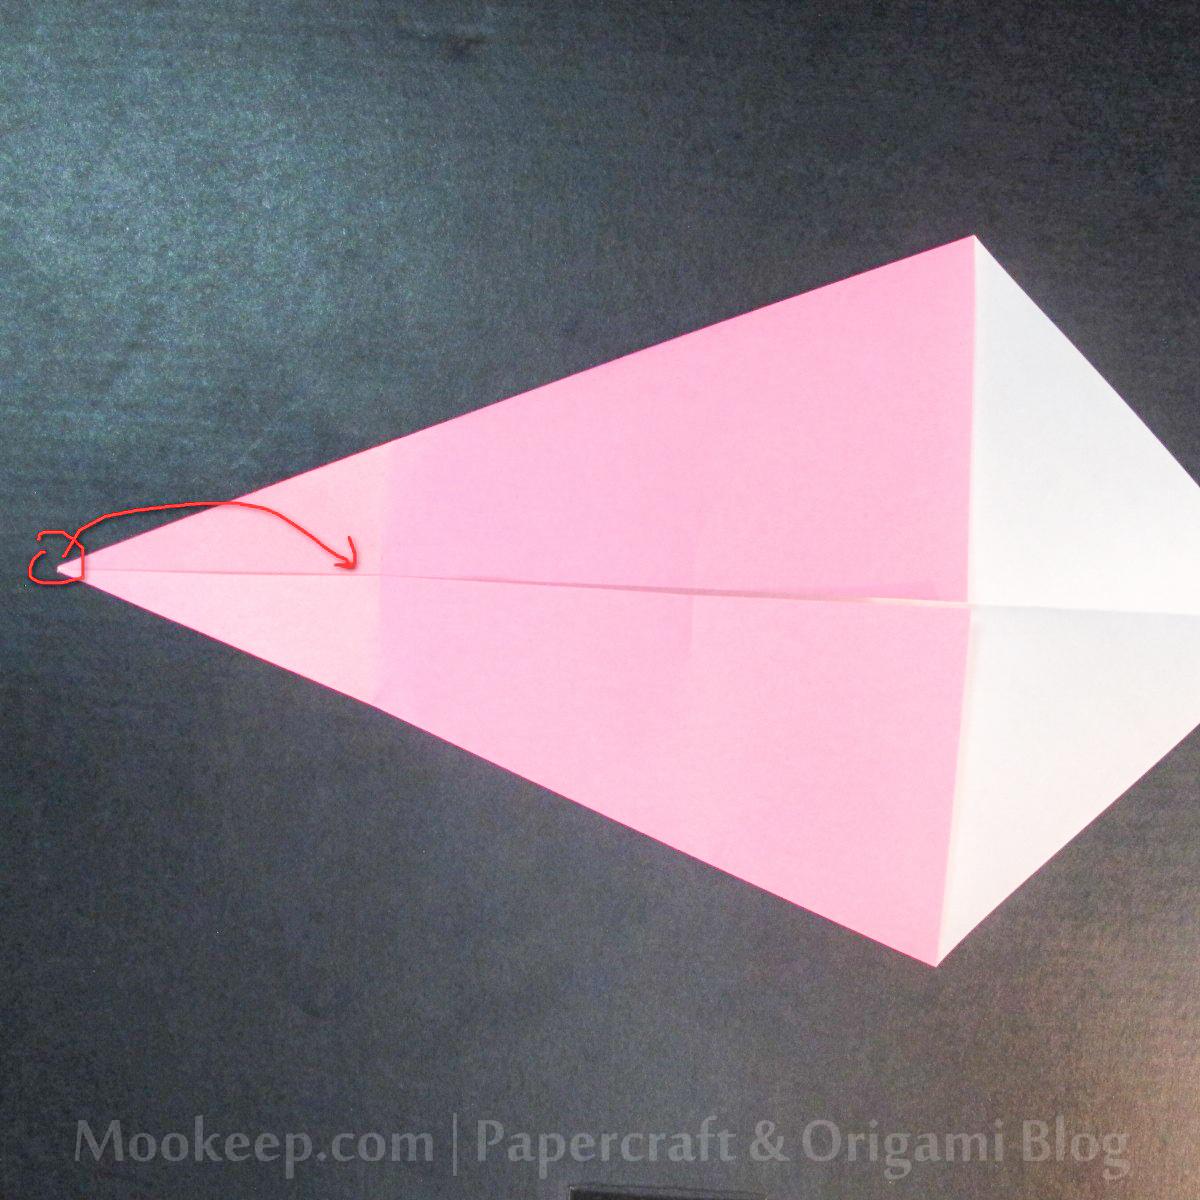 สอนวิธีการพับกระดาษเป็นรูปเป็ด (Origami Duck) - 012.jpg